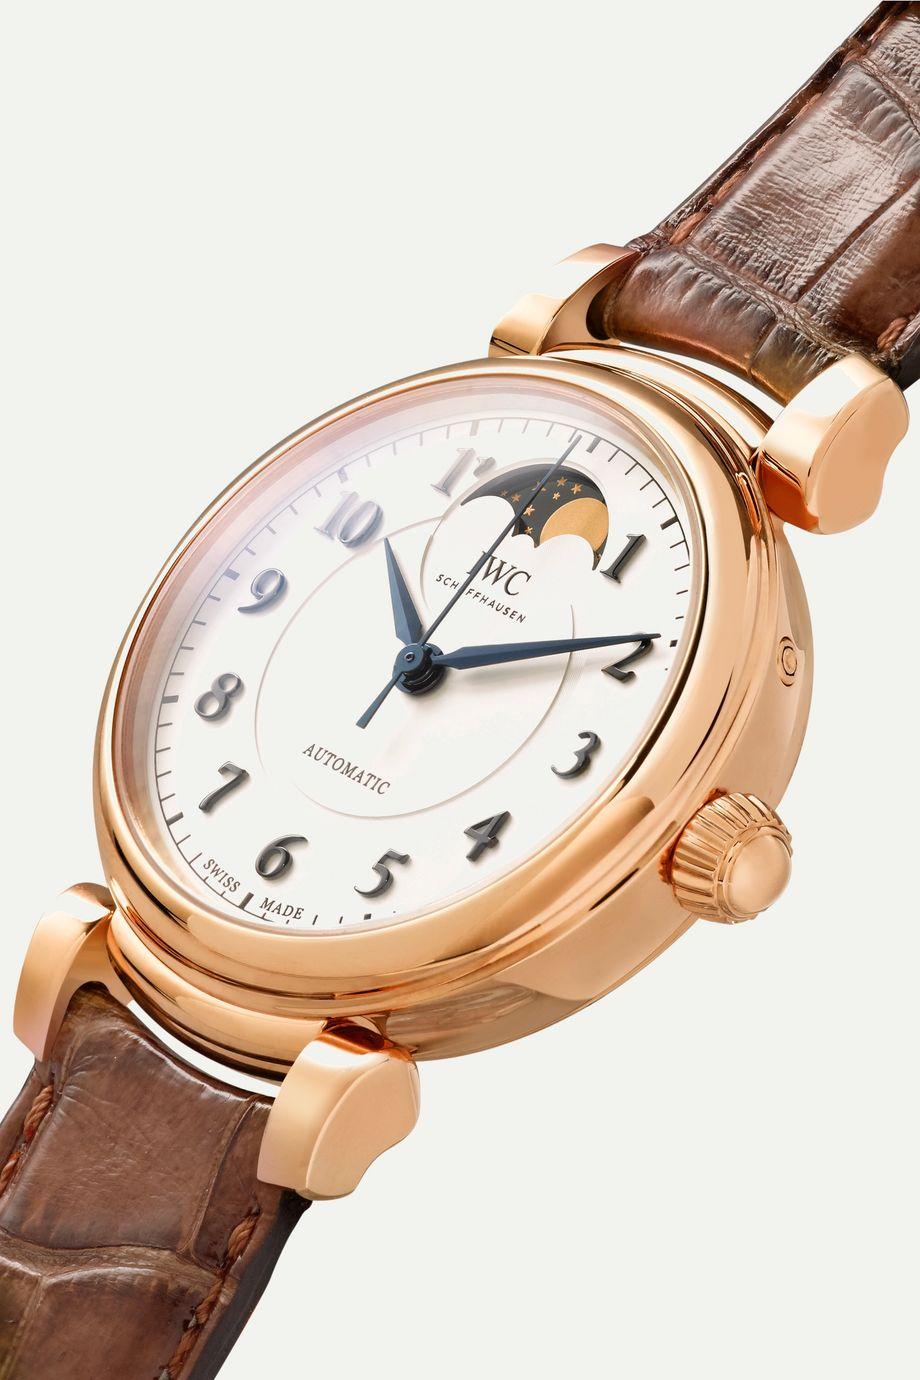 IWC SCHAFFHAUSEN Da Vinci Automatic Moon Phase 36mm 18-karat red gold and alligator watch